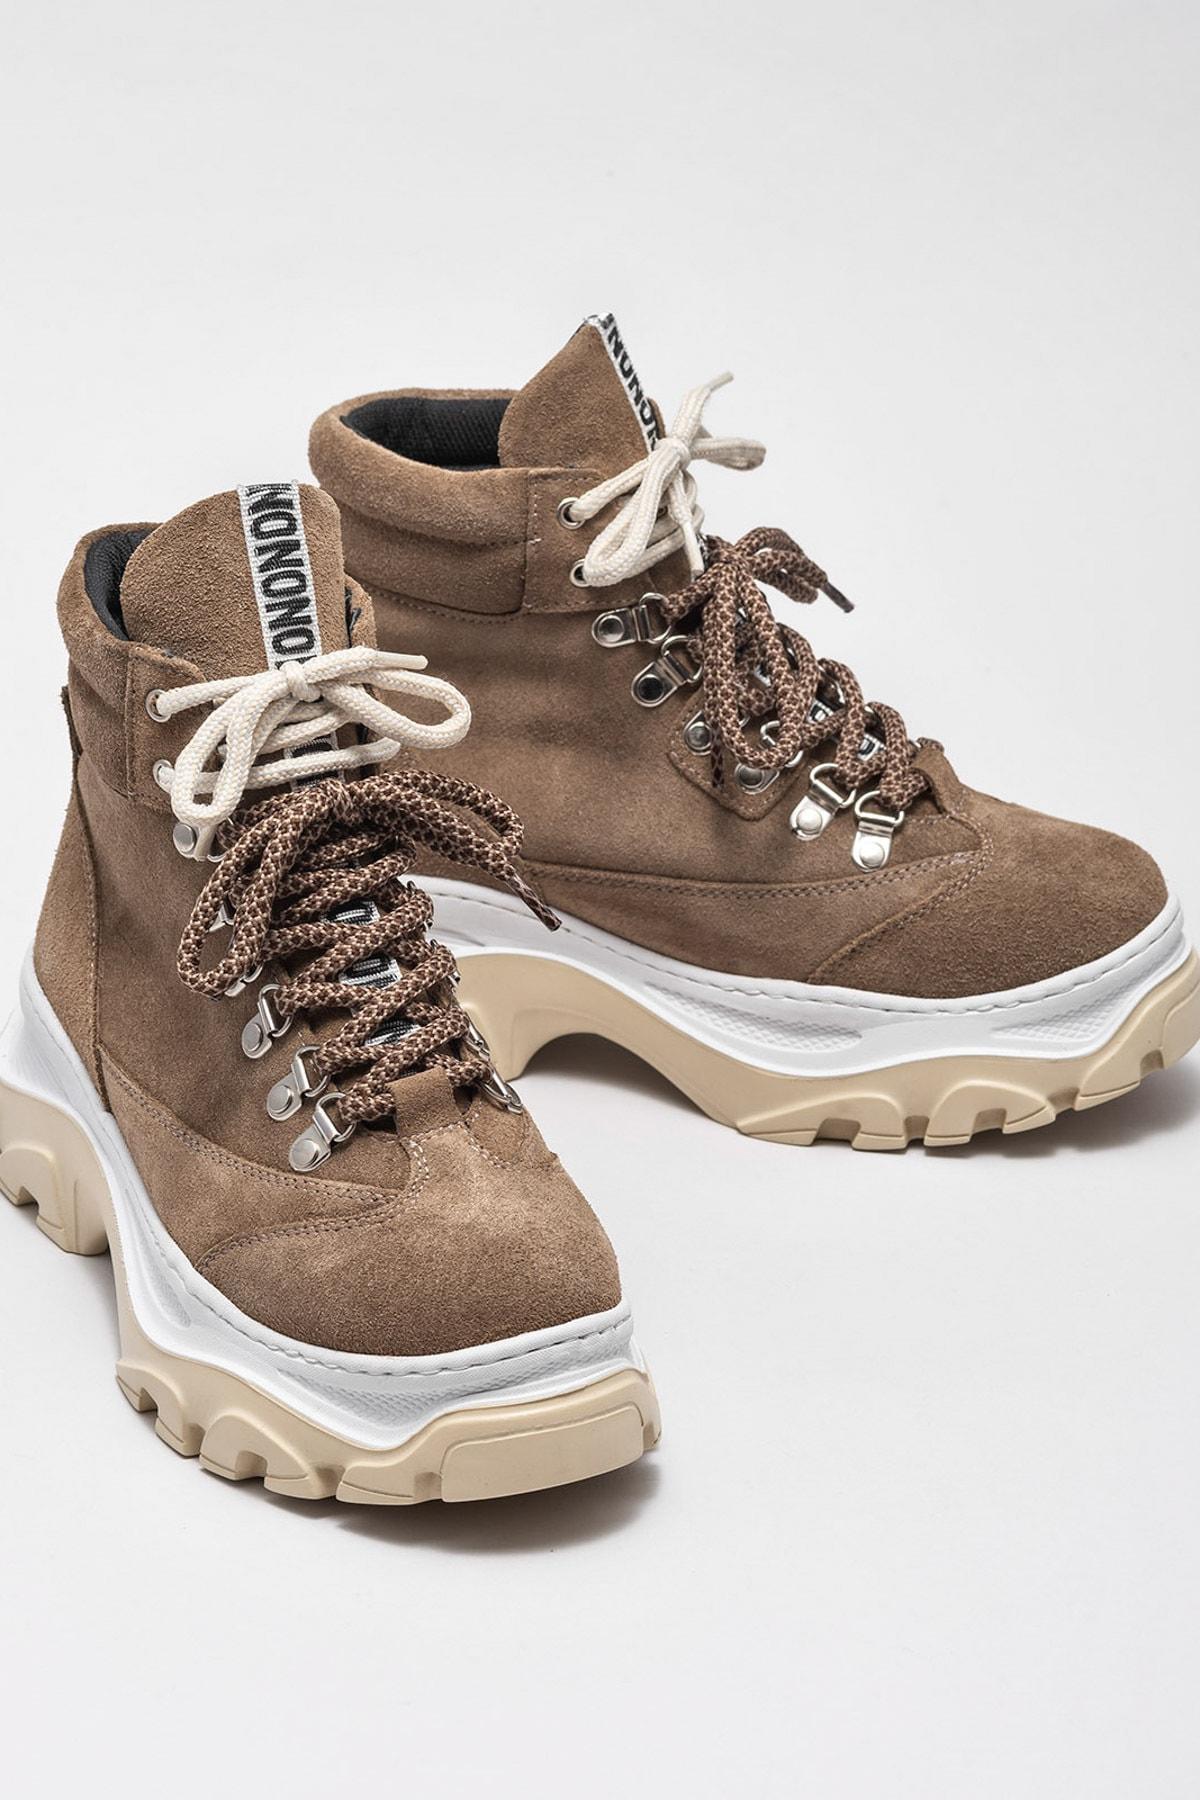 Elle Shoes Kadın Bot & Bootie Blanca-1 20KSE191450 2